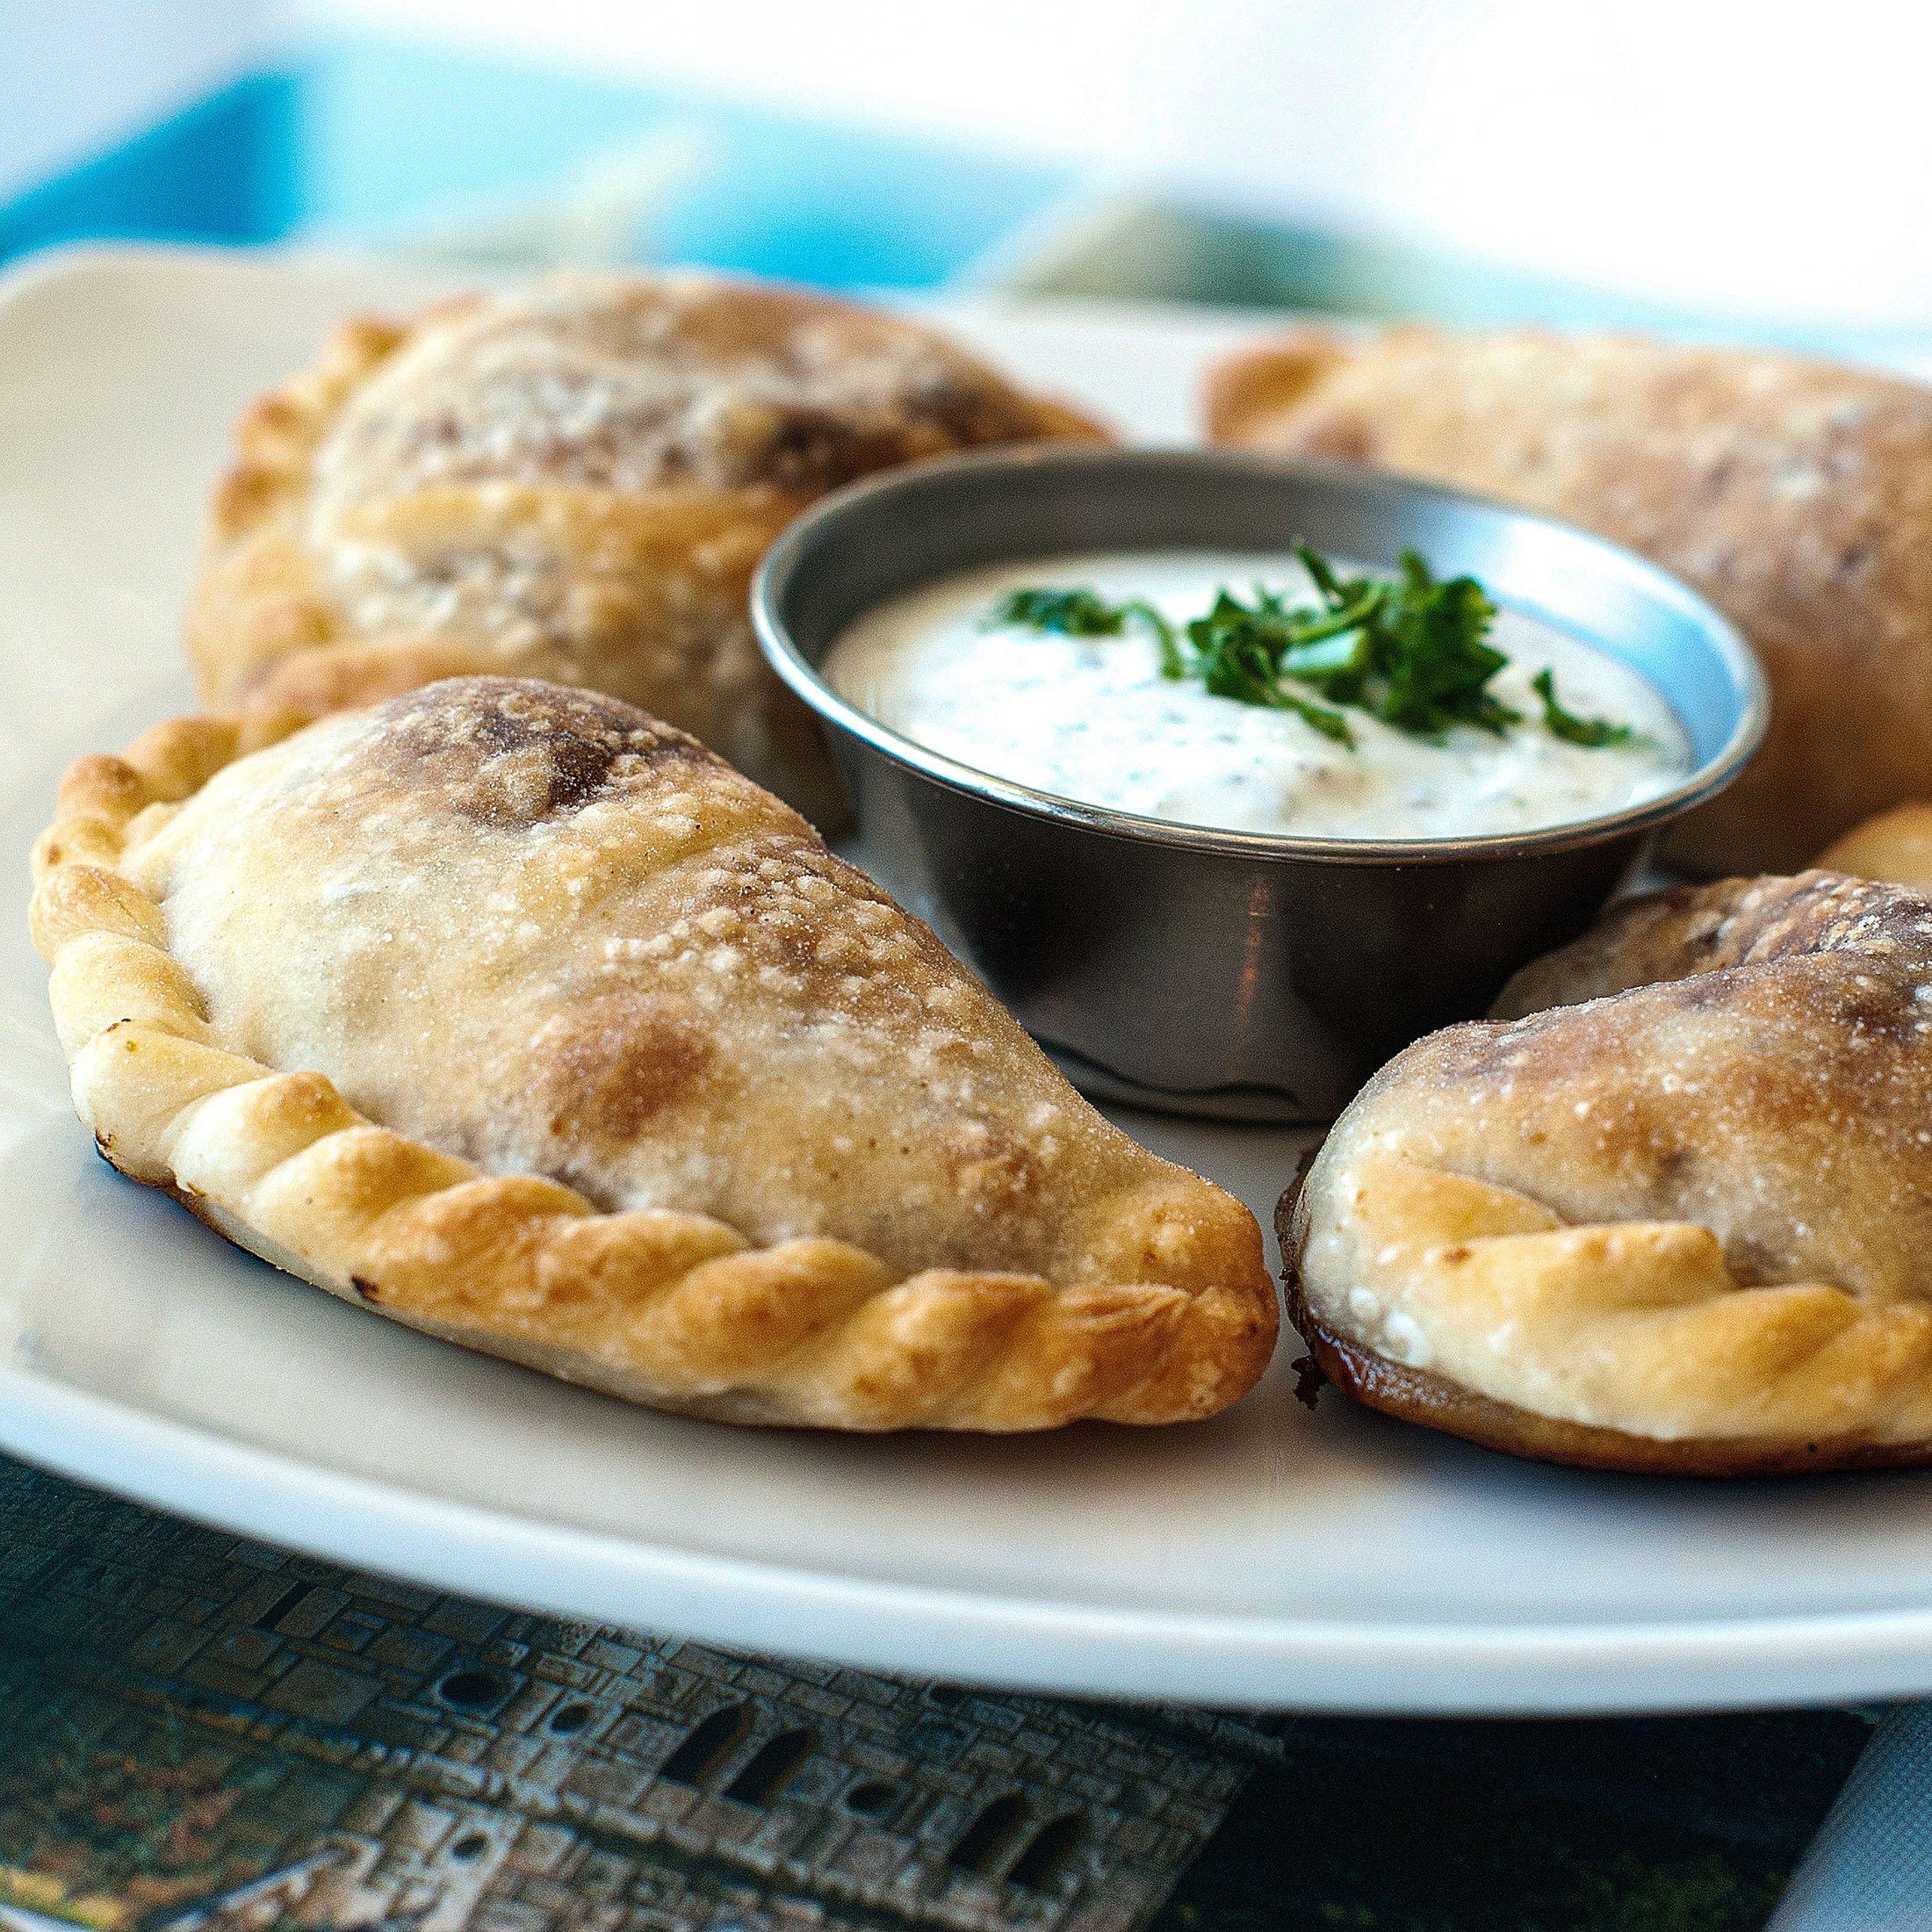 Sambouseks make for great finger foods or snacks. (Shutterstock Photo)